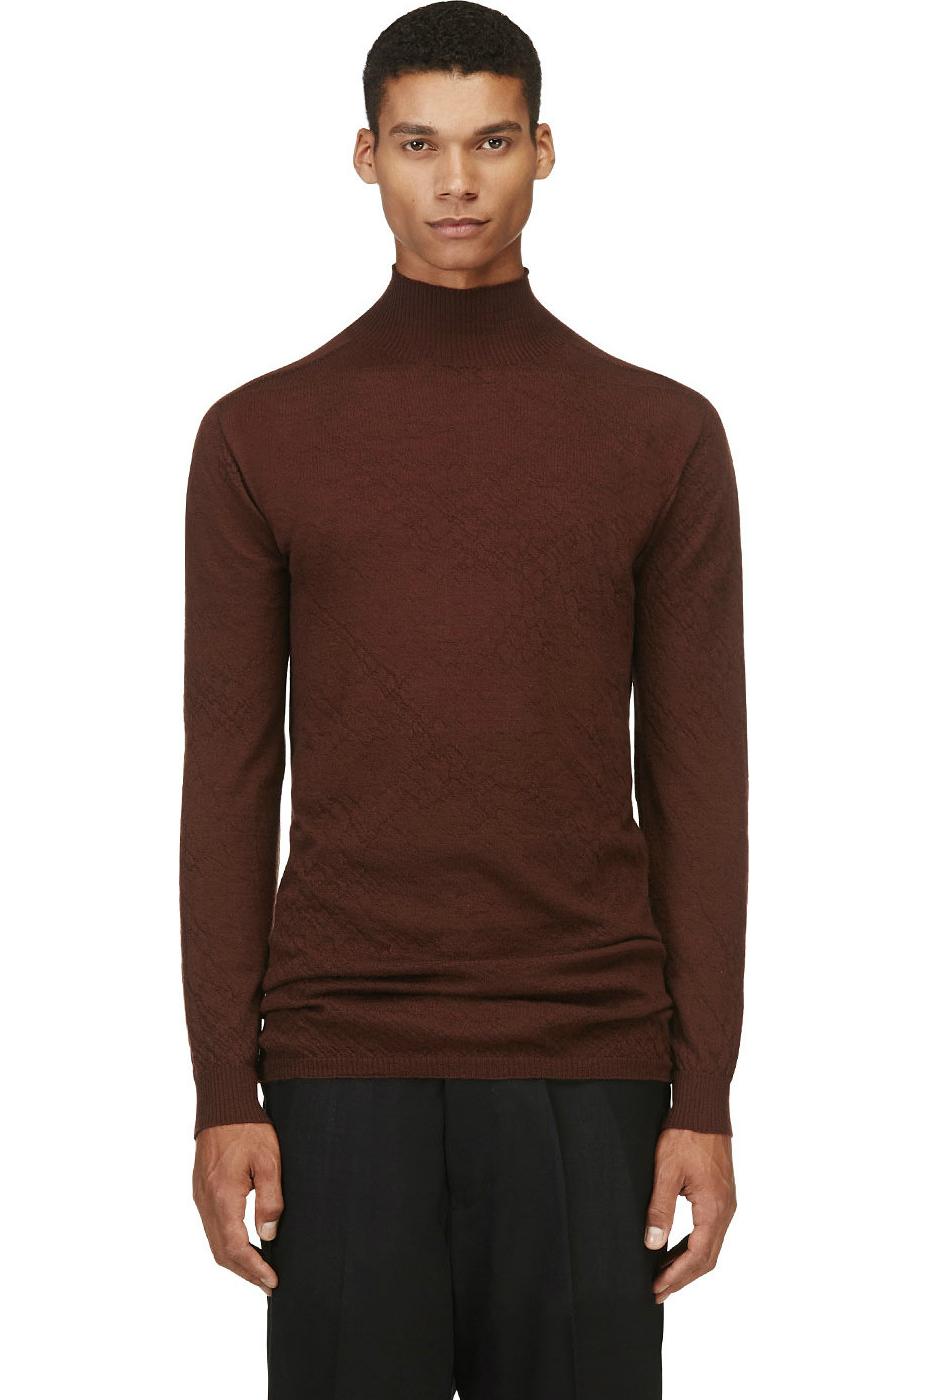 Мужской свитер из тонкой шерсти с удлиненным воротом темно-бордовый, Rick Owens